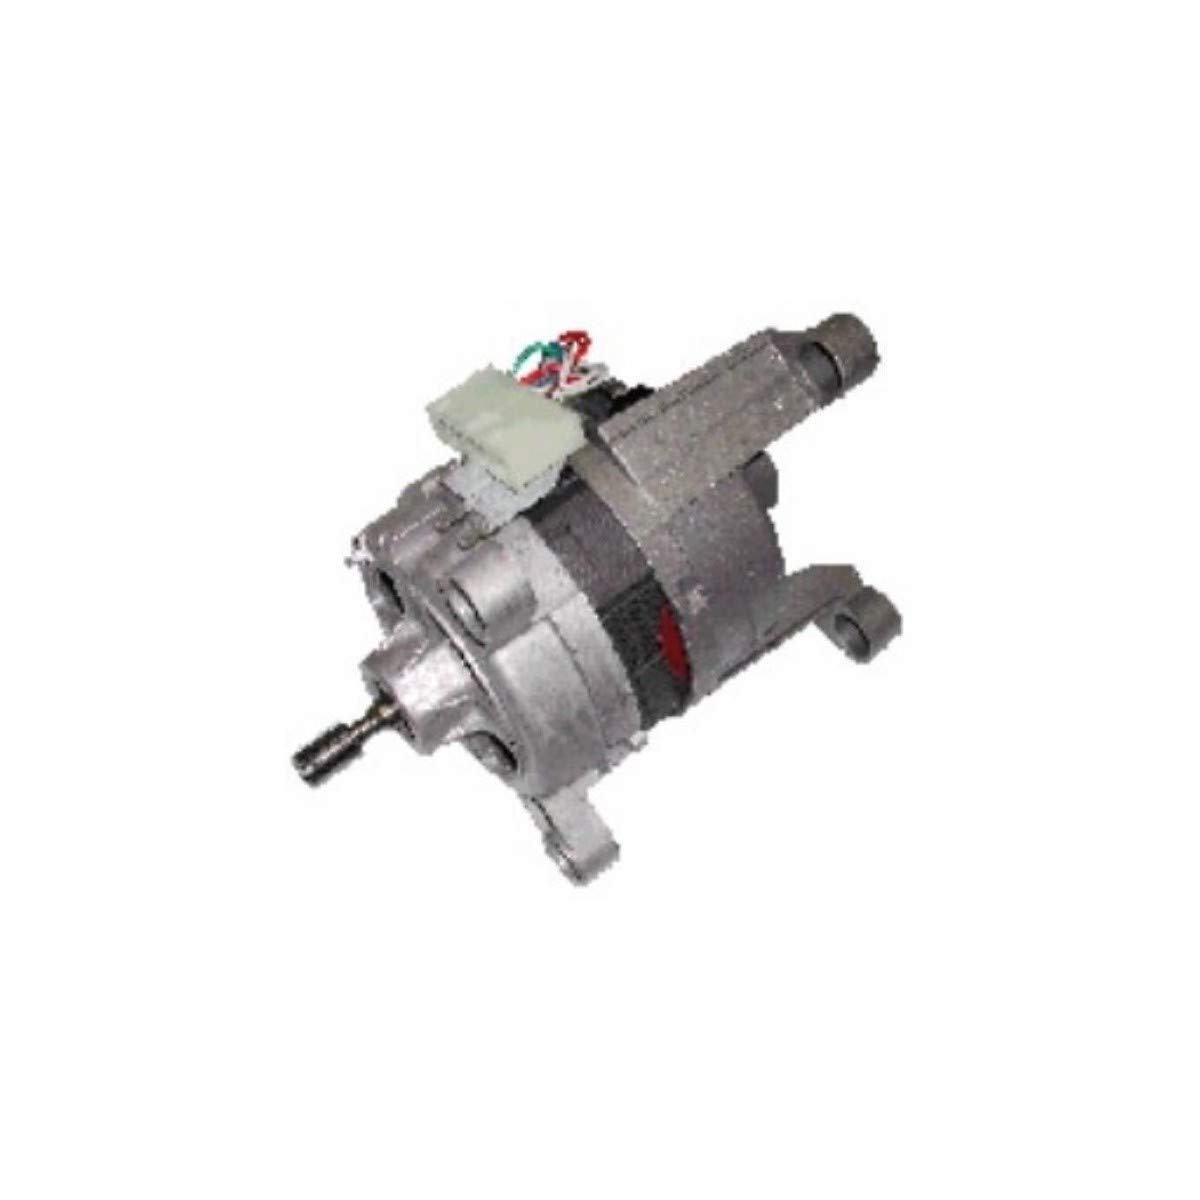 Recamania Motor Lavadora Electrolux 1247010026: Amazon.es